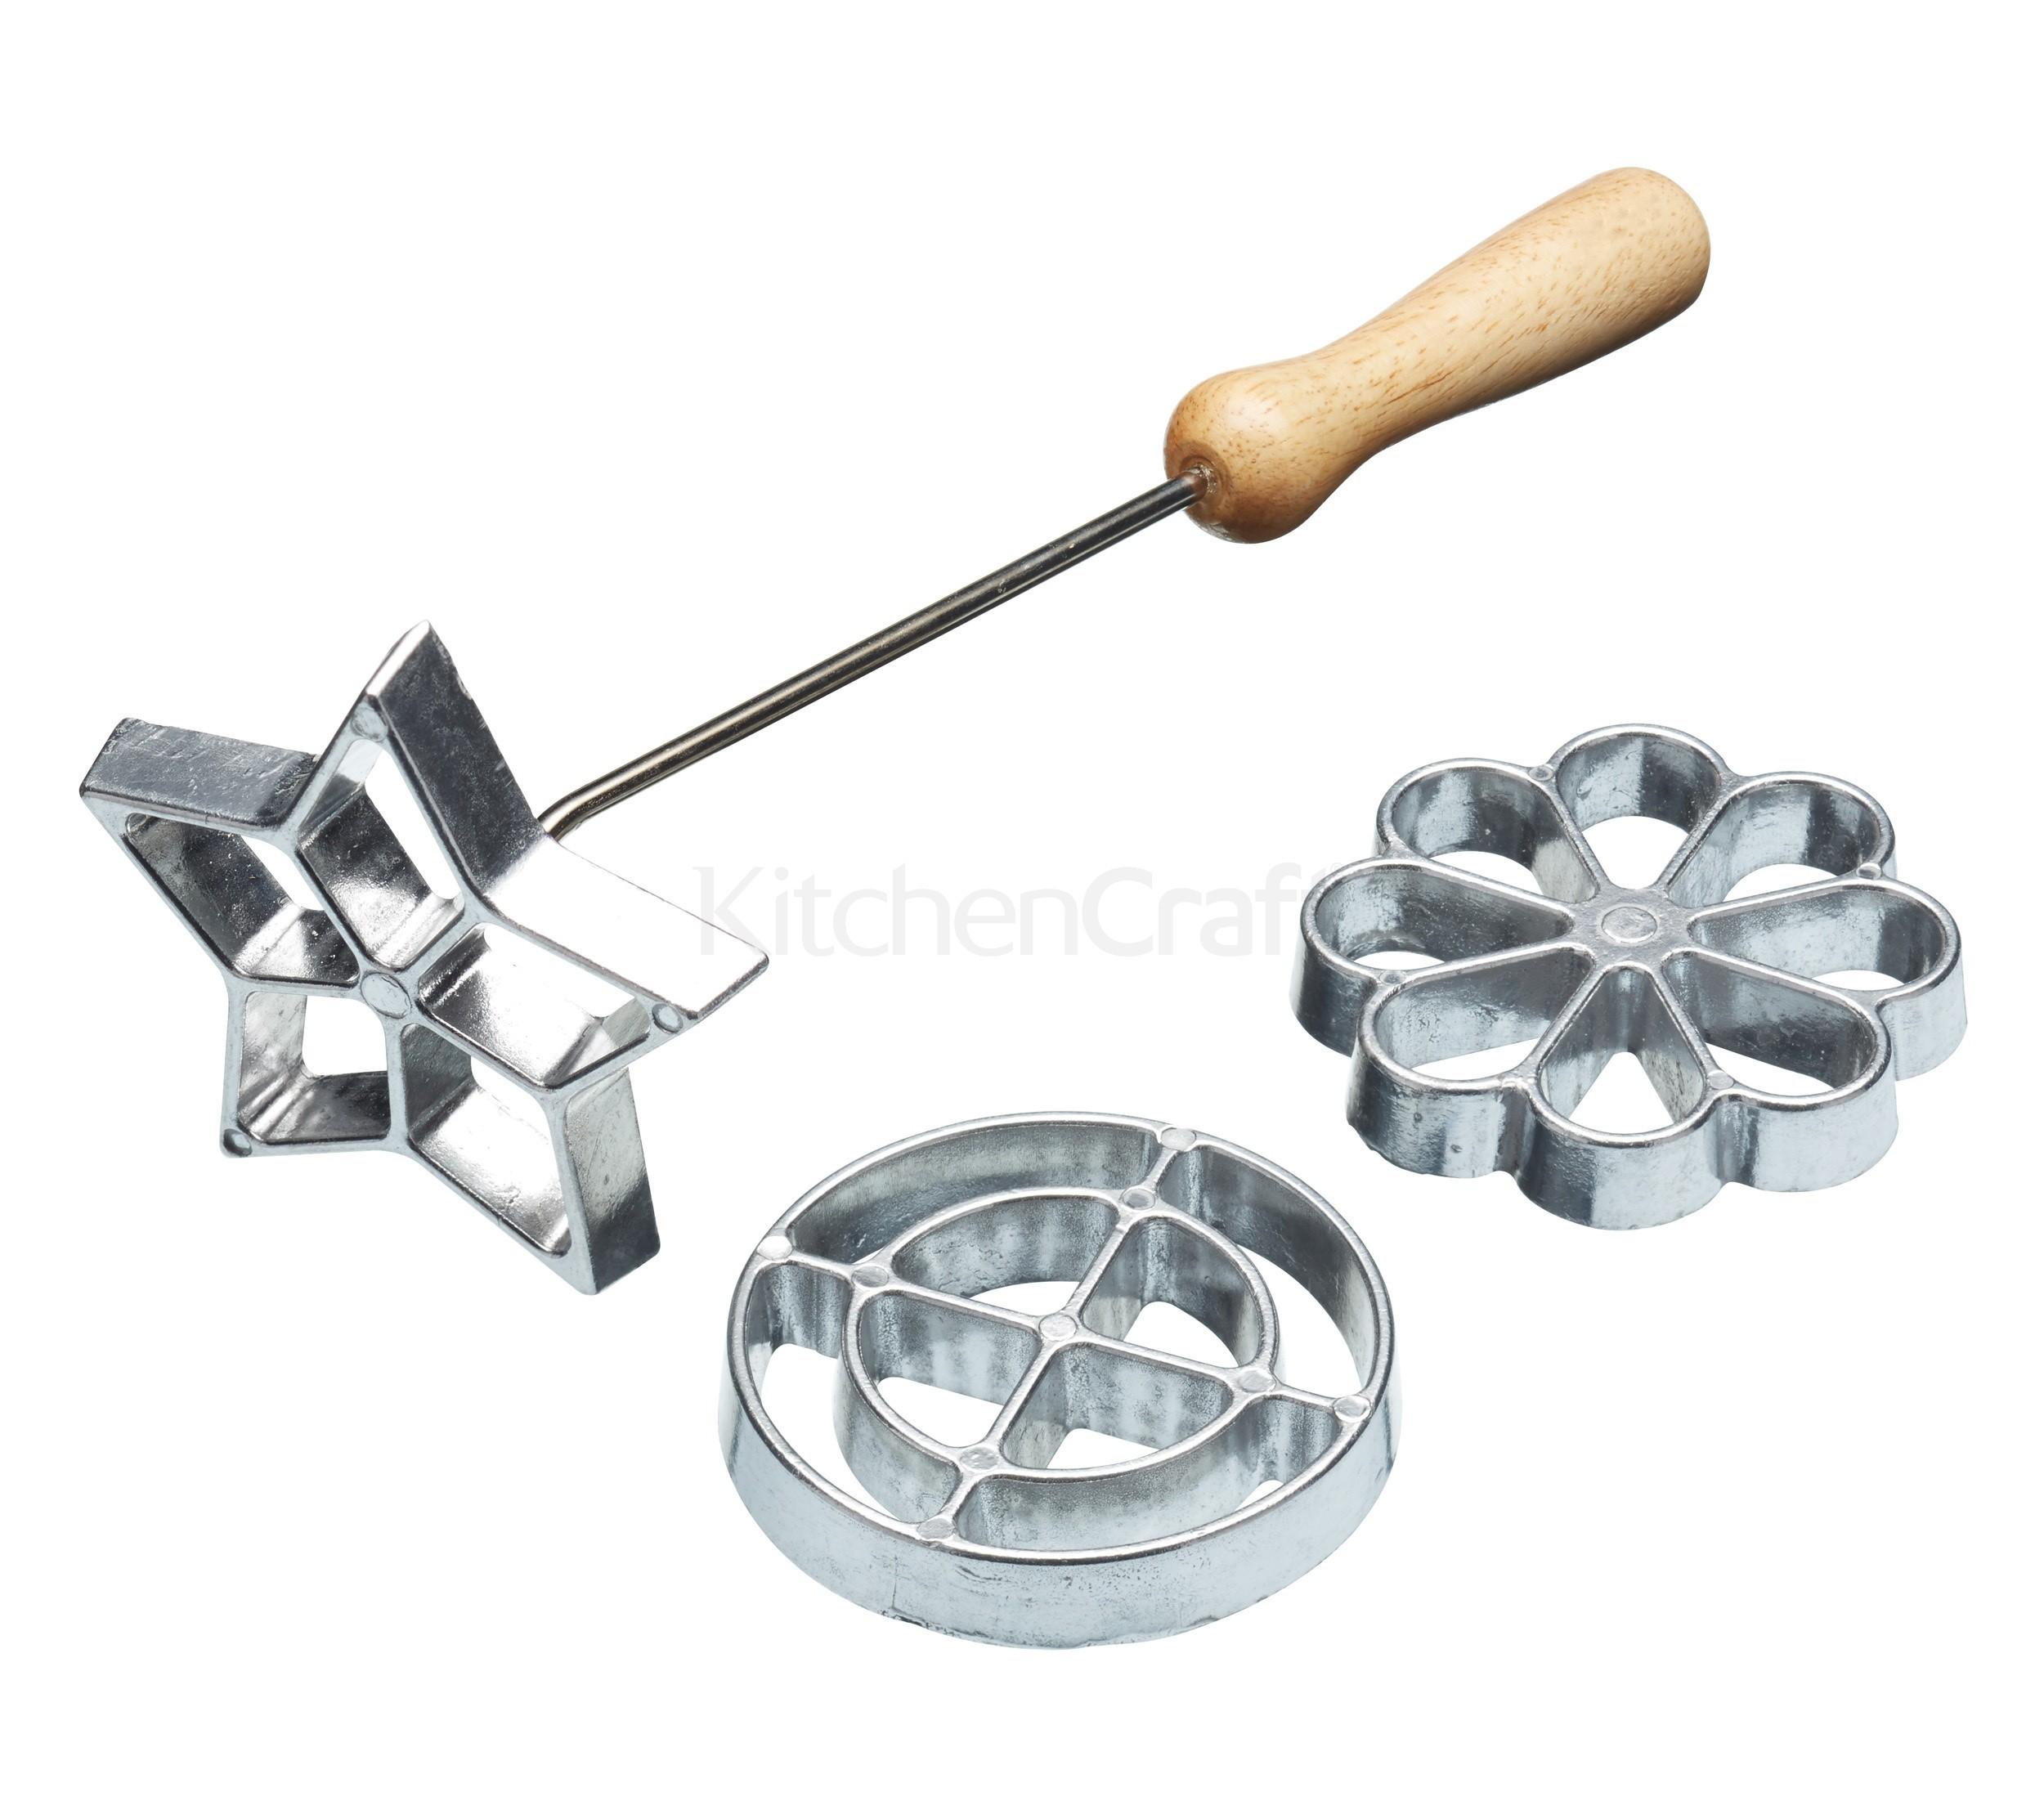 Εργαλείο Για Βάφλες-Λουκουμάδες-Ξεροτήγανα Με 3 Σχέδια kitchencraft home   ζαχαροπλαστικη   εργαλεία ζαχαροπλαστικής